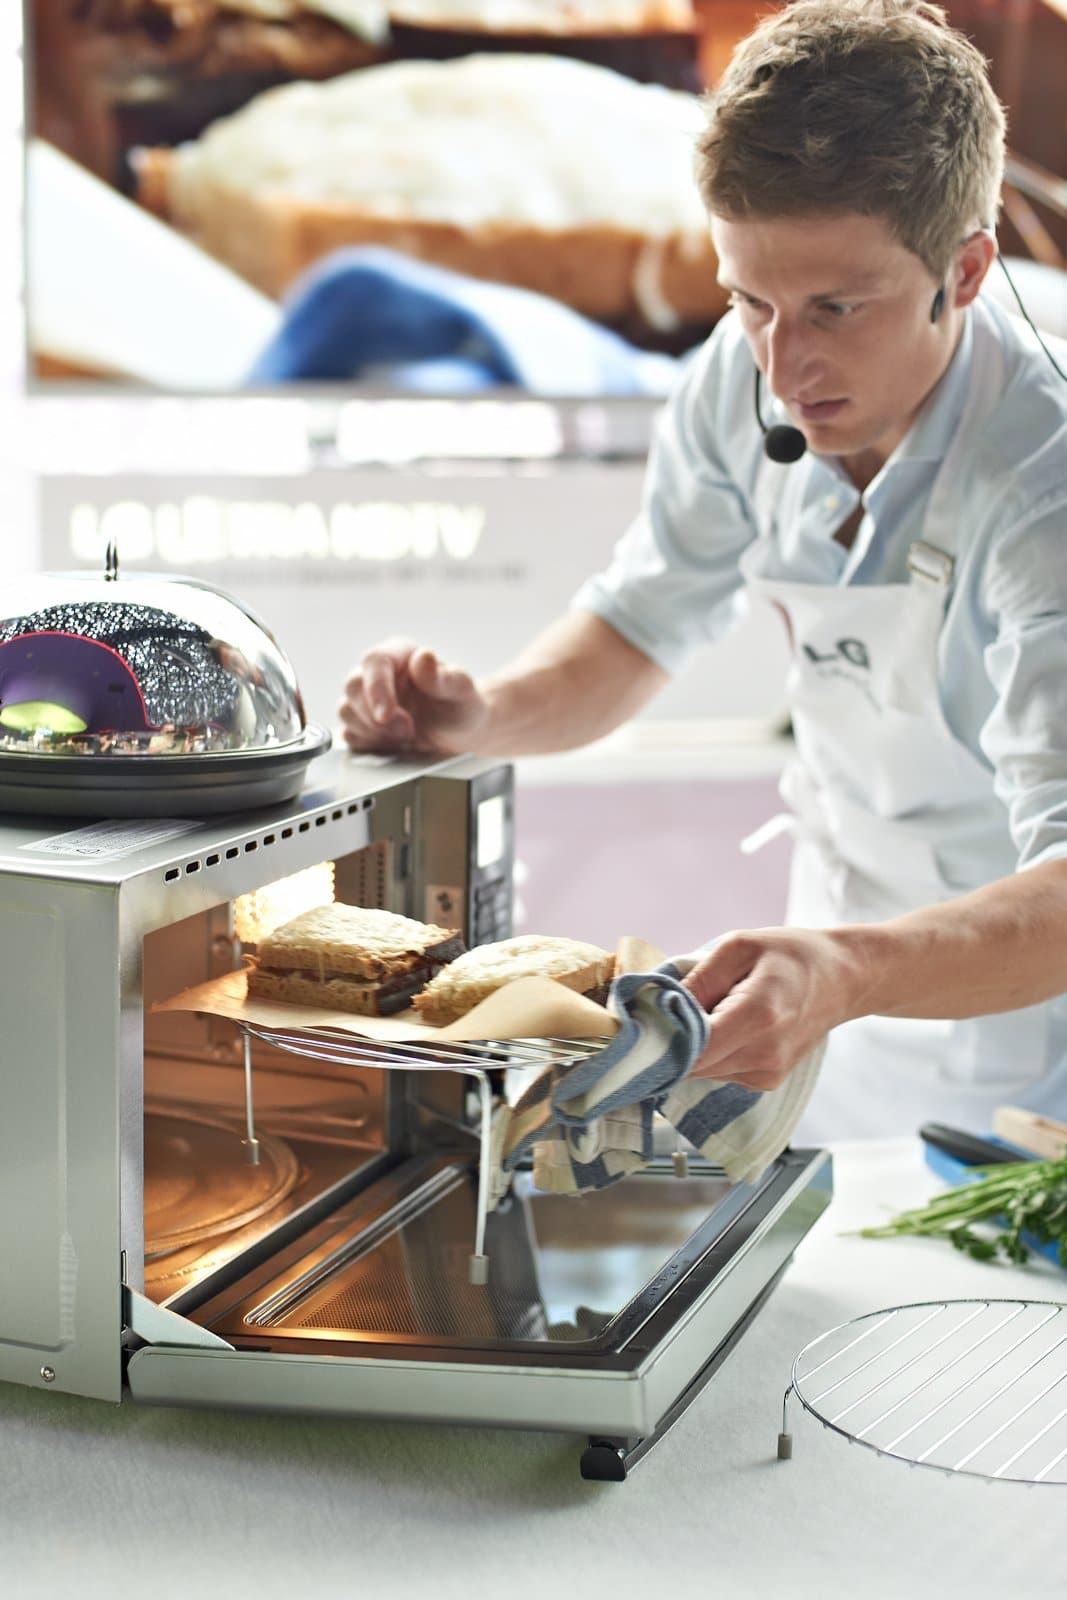 Specjalna grzałka Charcoal Lighting Heater zawiera wkład węglowy, zapewniający naturalny przepływ ciepła, które wnika głęboko do wnętrza produktów spożywczych.